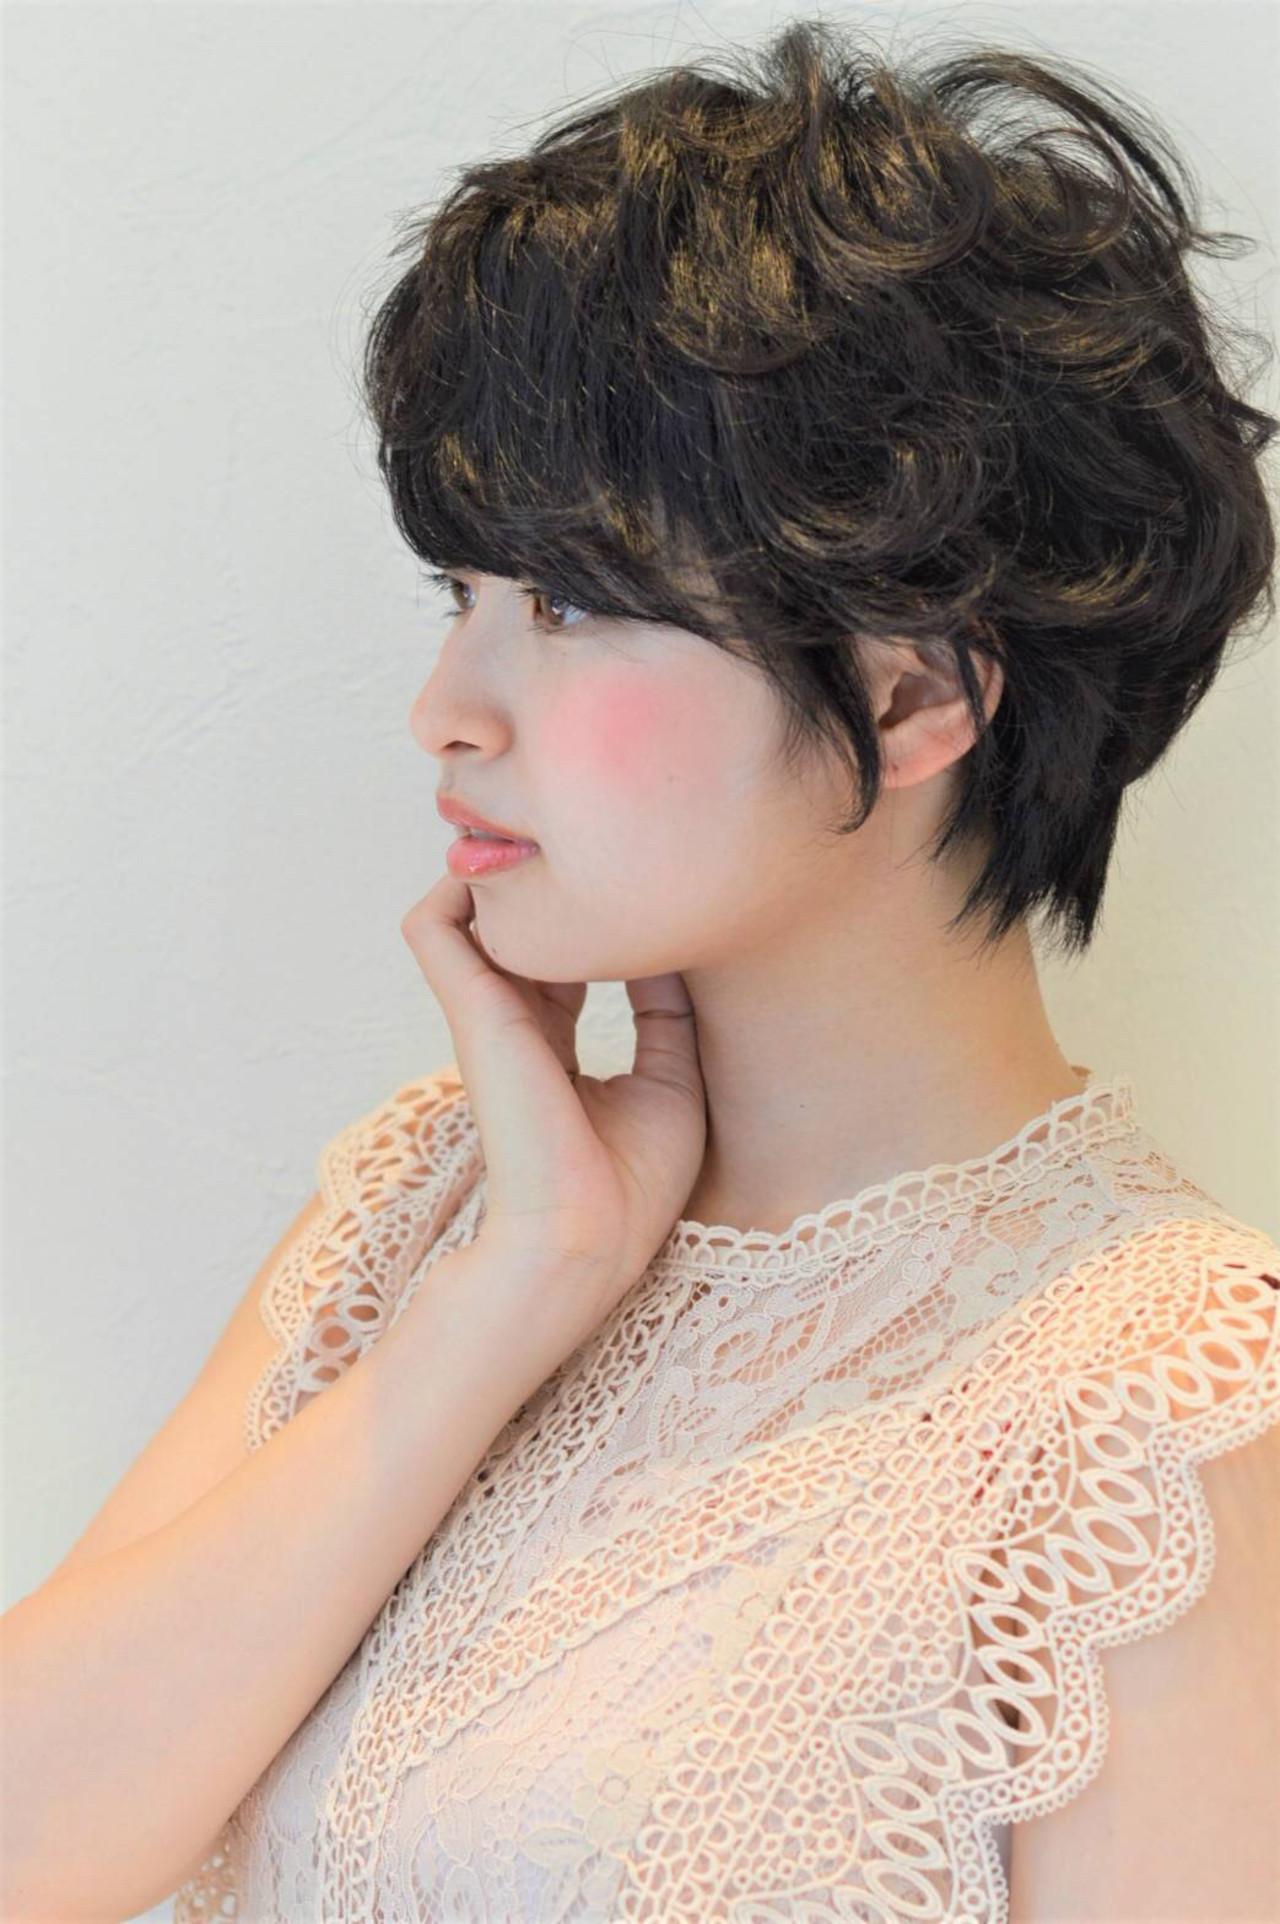 ショート ナチュラル 黒髪 グレー ヘアスタイルや髪型の写真・画像